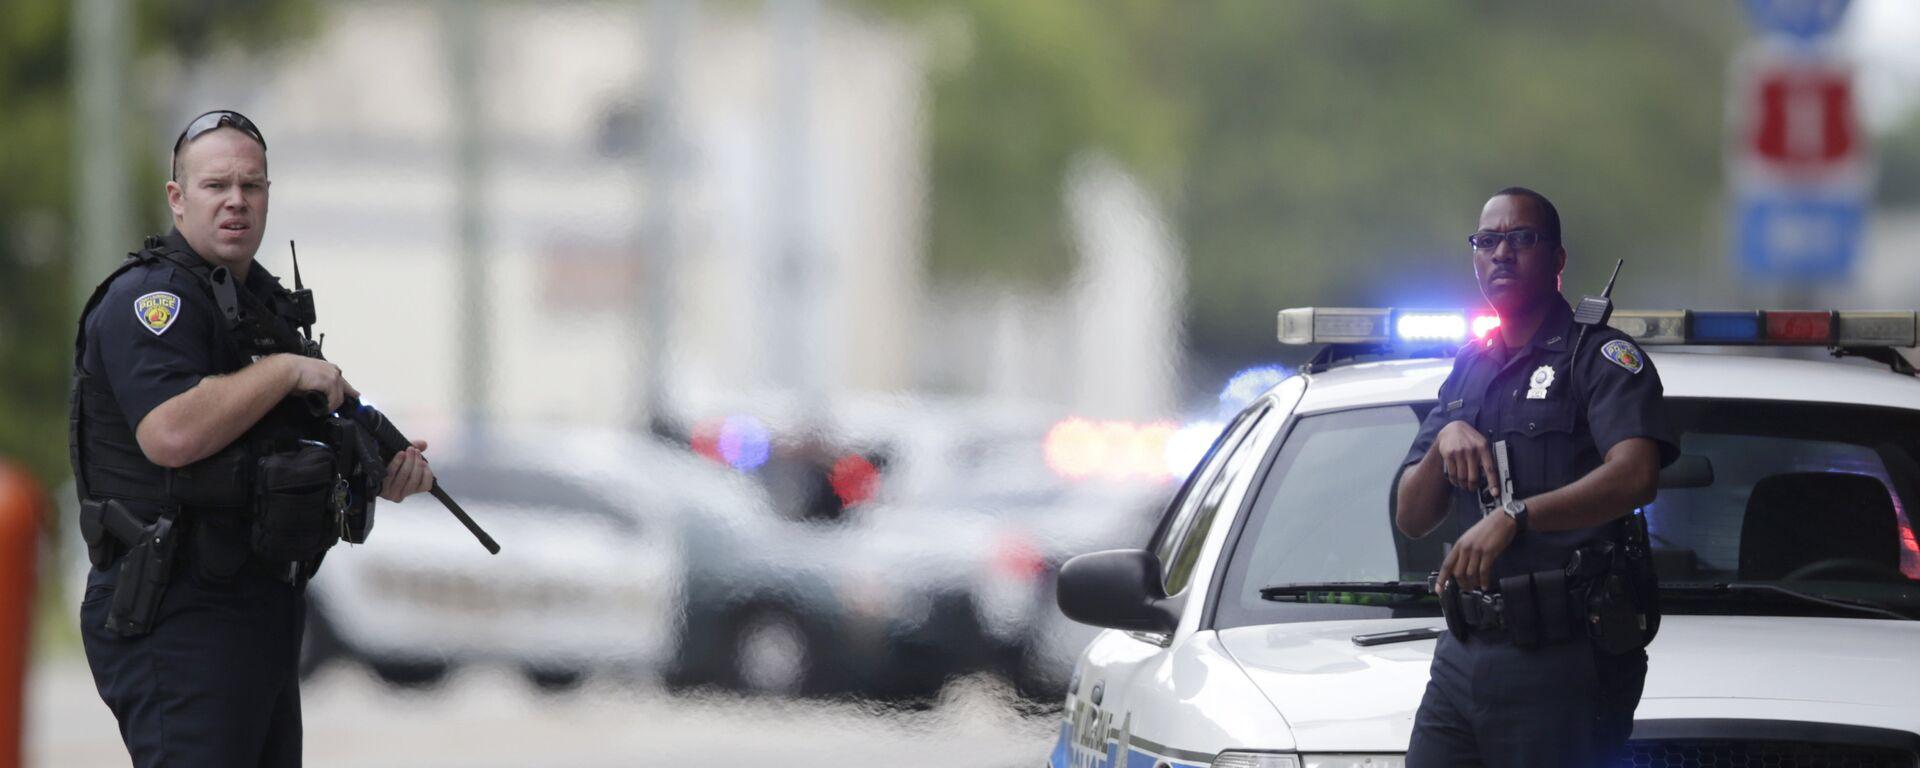 Agenti di polizia negli Usa - Sputnik Italia, 1920, 23.02.2018